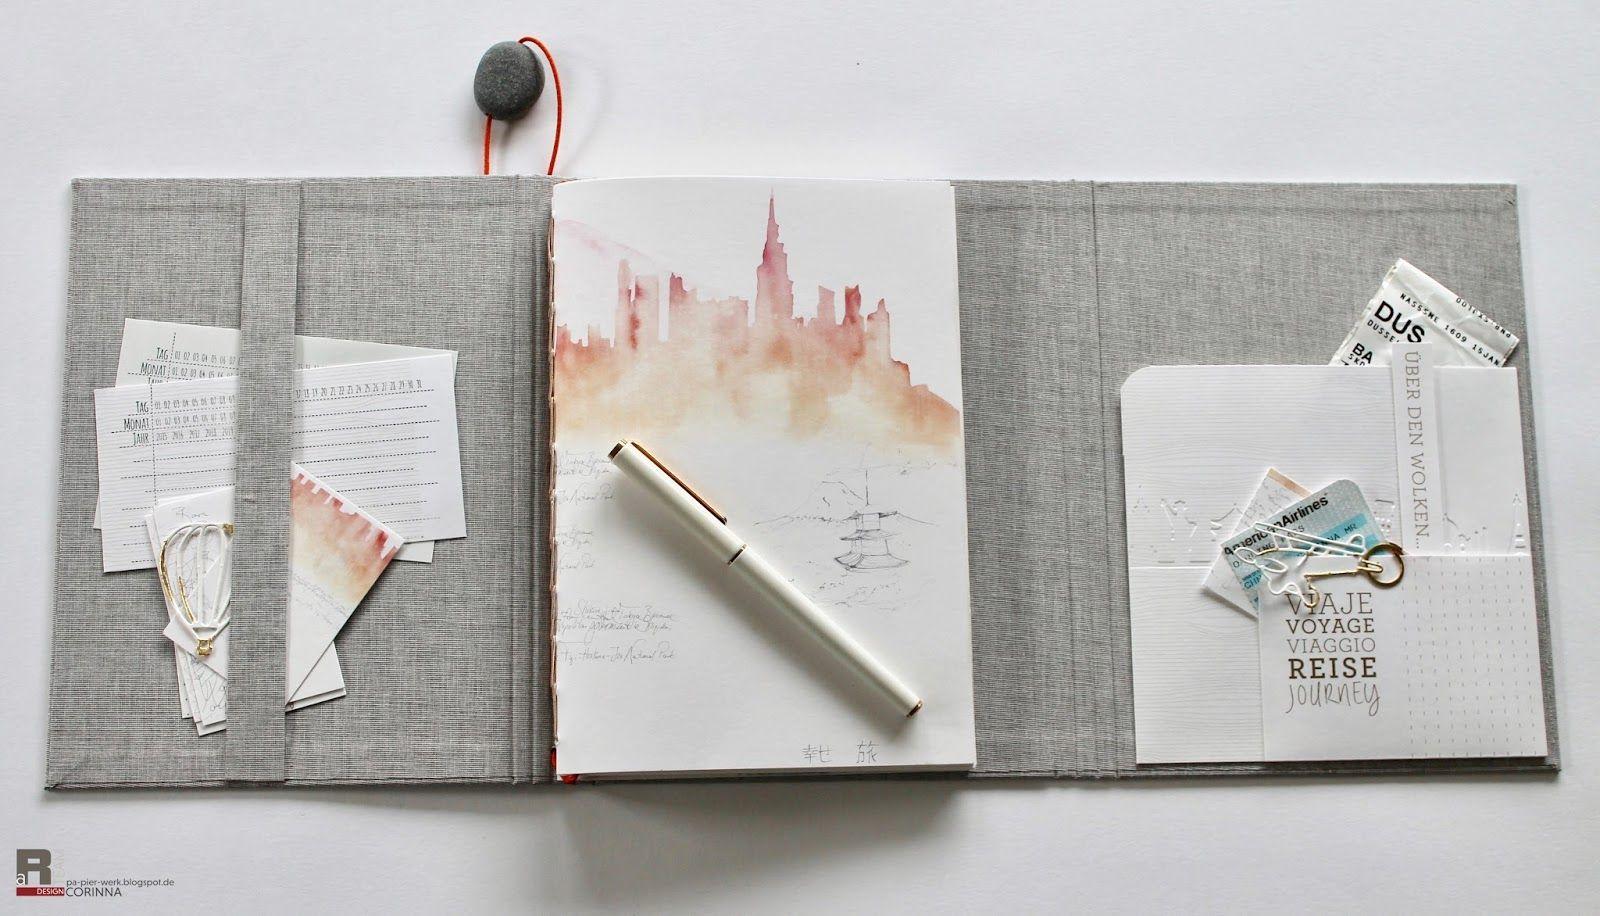 Papierwerk Kartengestaltung Alexandra Renke Corinna ...  Papierwerk Kart...